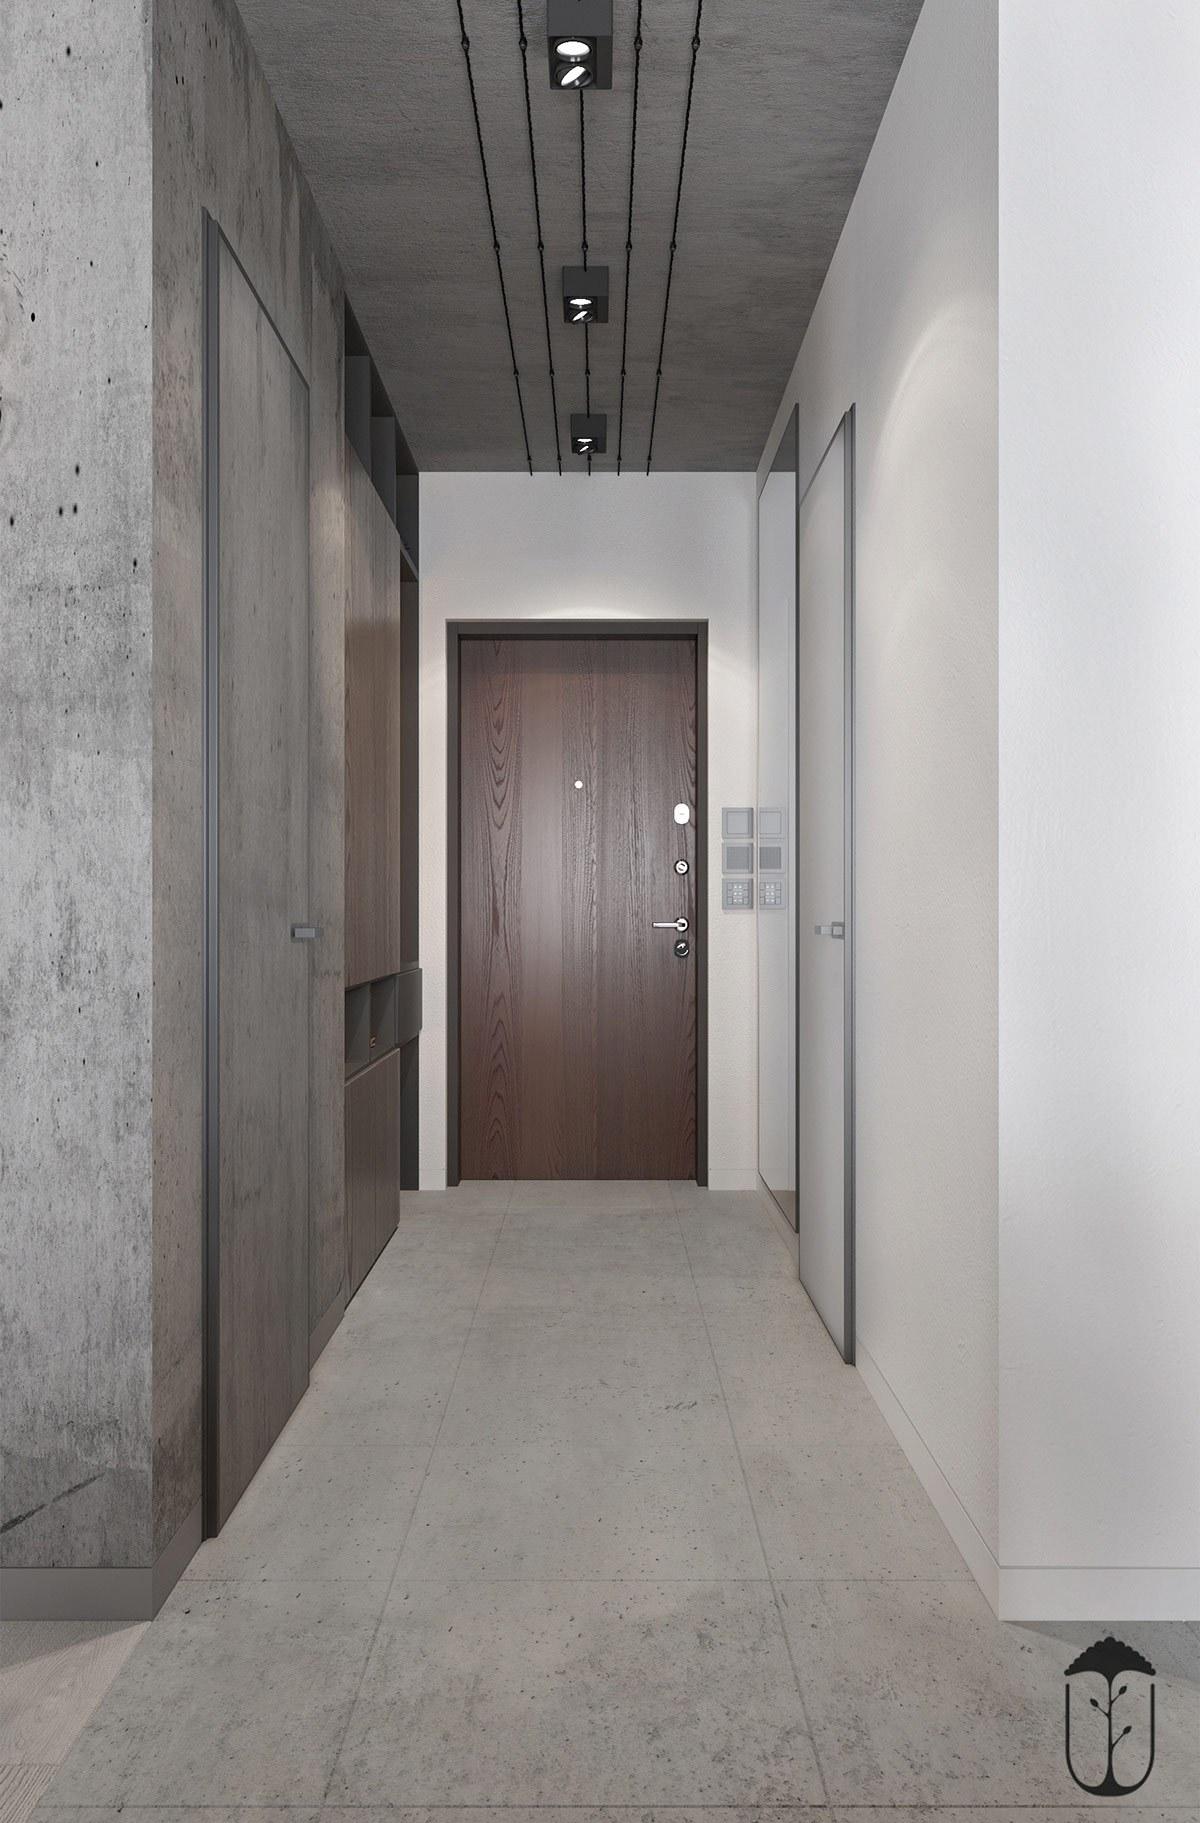 Trần, tường và sàn có sự tương đồng về kết cấu